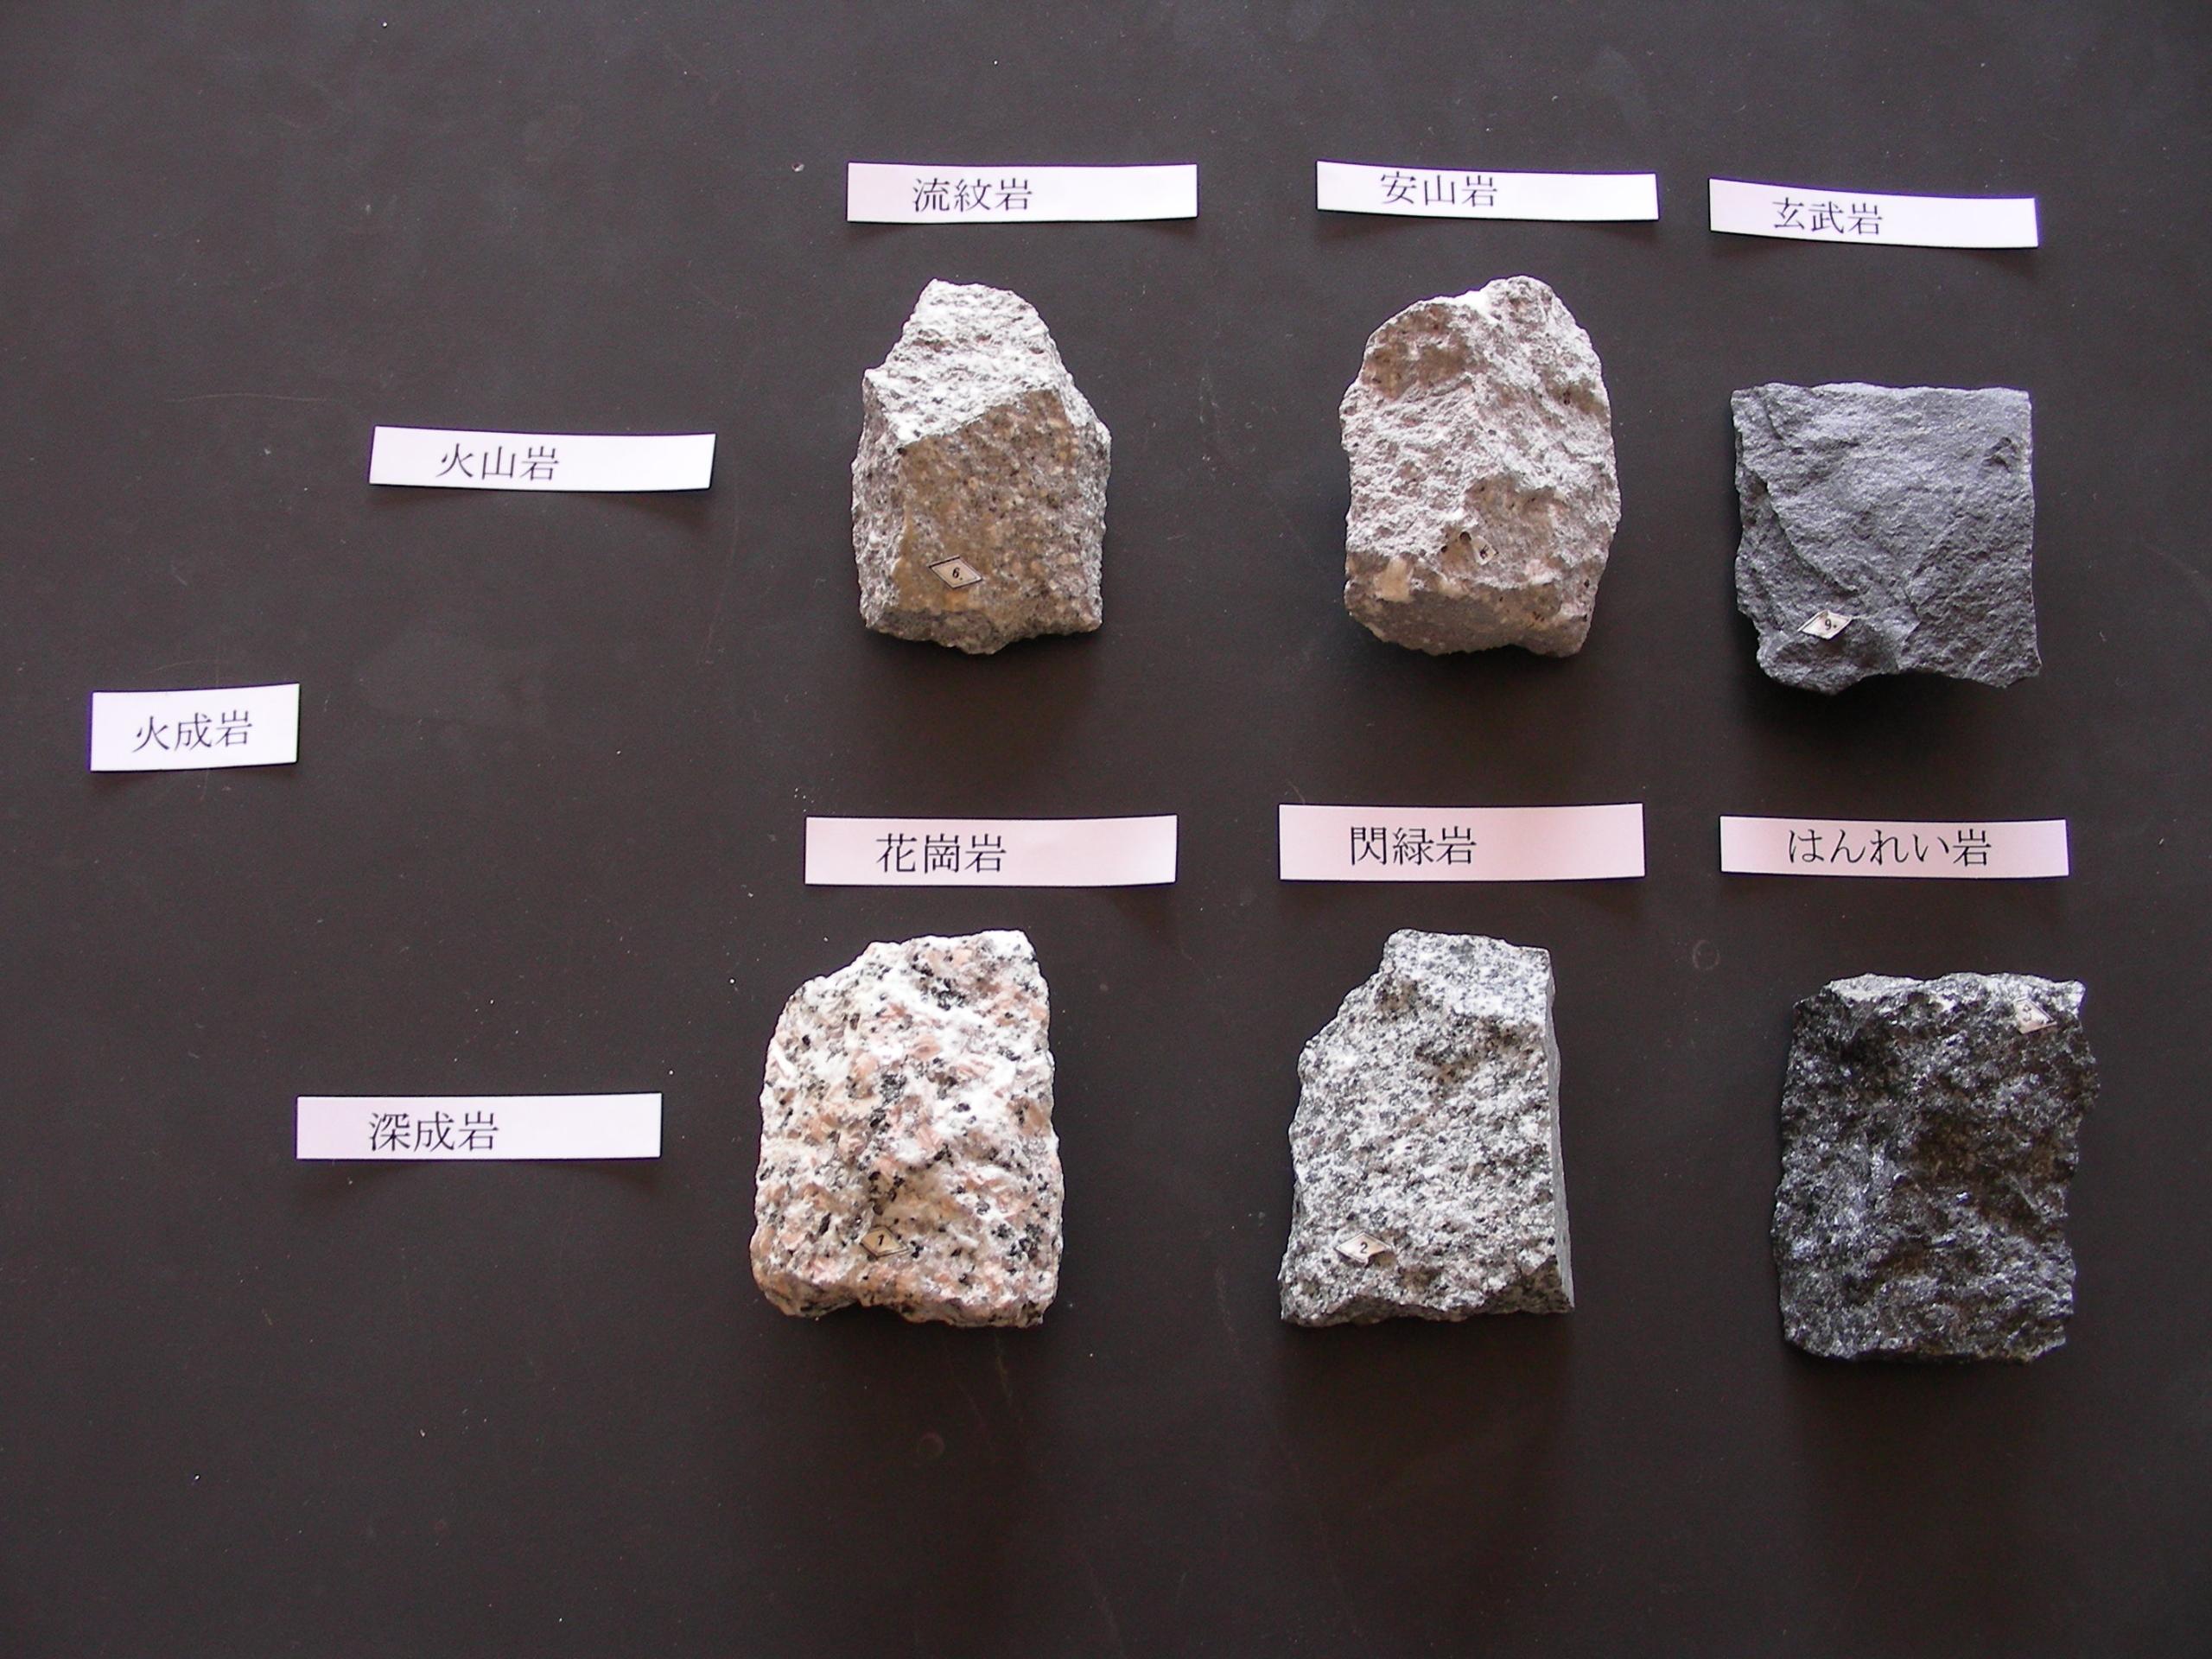 写真4 さまざまな火成岩